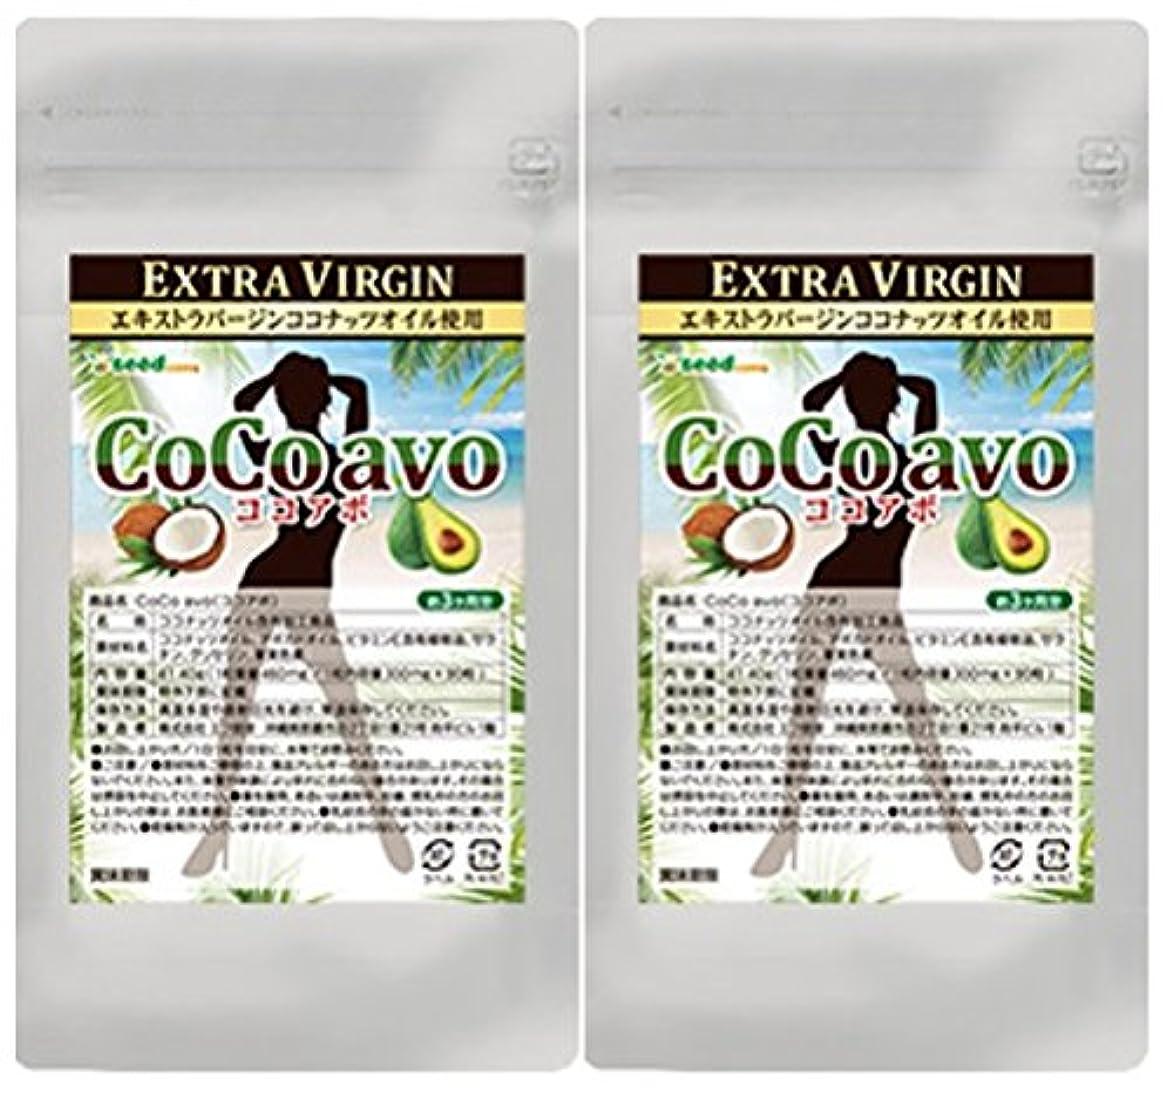 金貸し植物学異常なエキストラバージン ココナッツオイル&アボカドオイル Cocoavoココアボ (約6ケ月分)